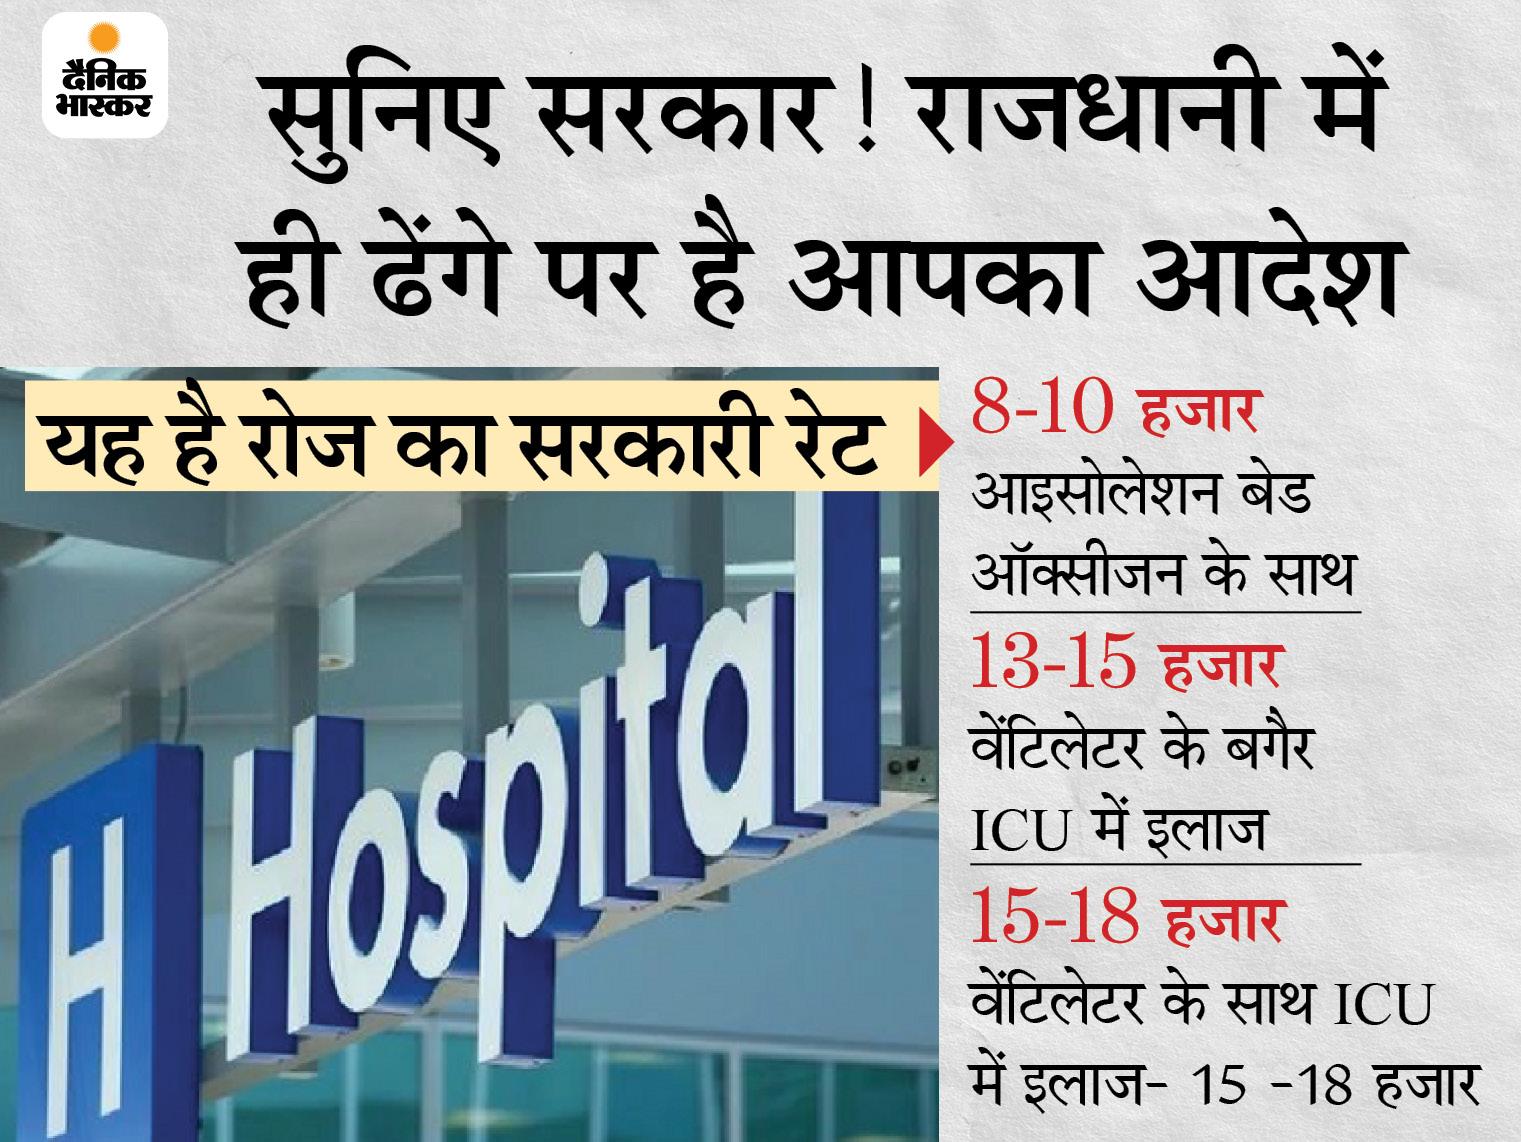 भास्कर की पड़ताल में खुली पोल, सरकार ने जिस हॉस्पिटल के इलाज का एक दिन का रेट 15 हजार रुपए तय किया है वो वसूल रहा 40 हजार बिहार,Bihar - Dainik Bhaskar